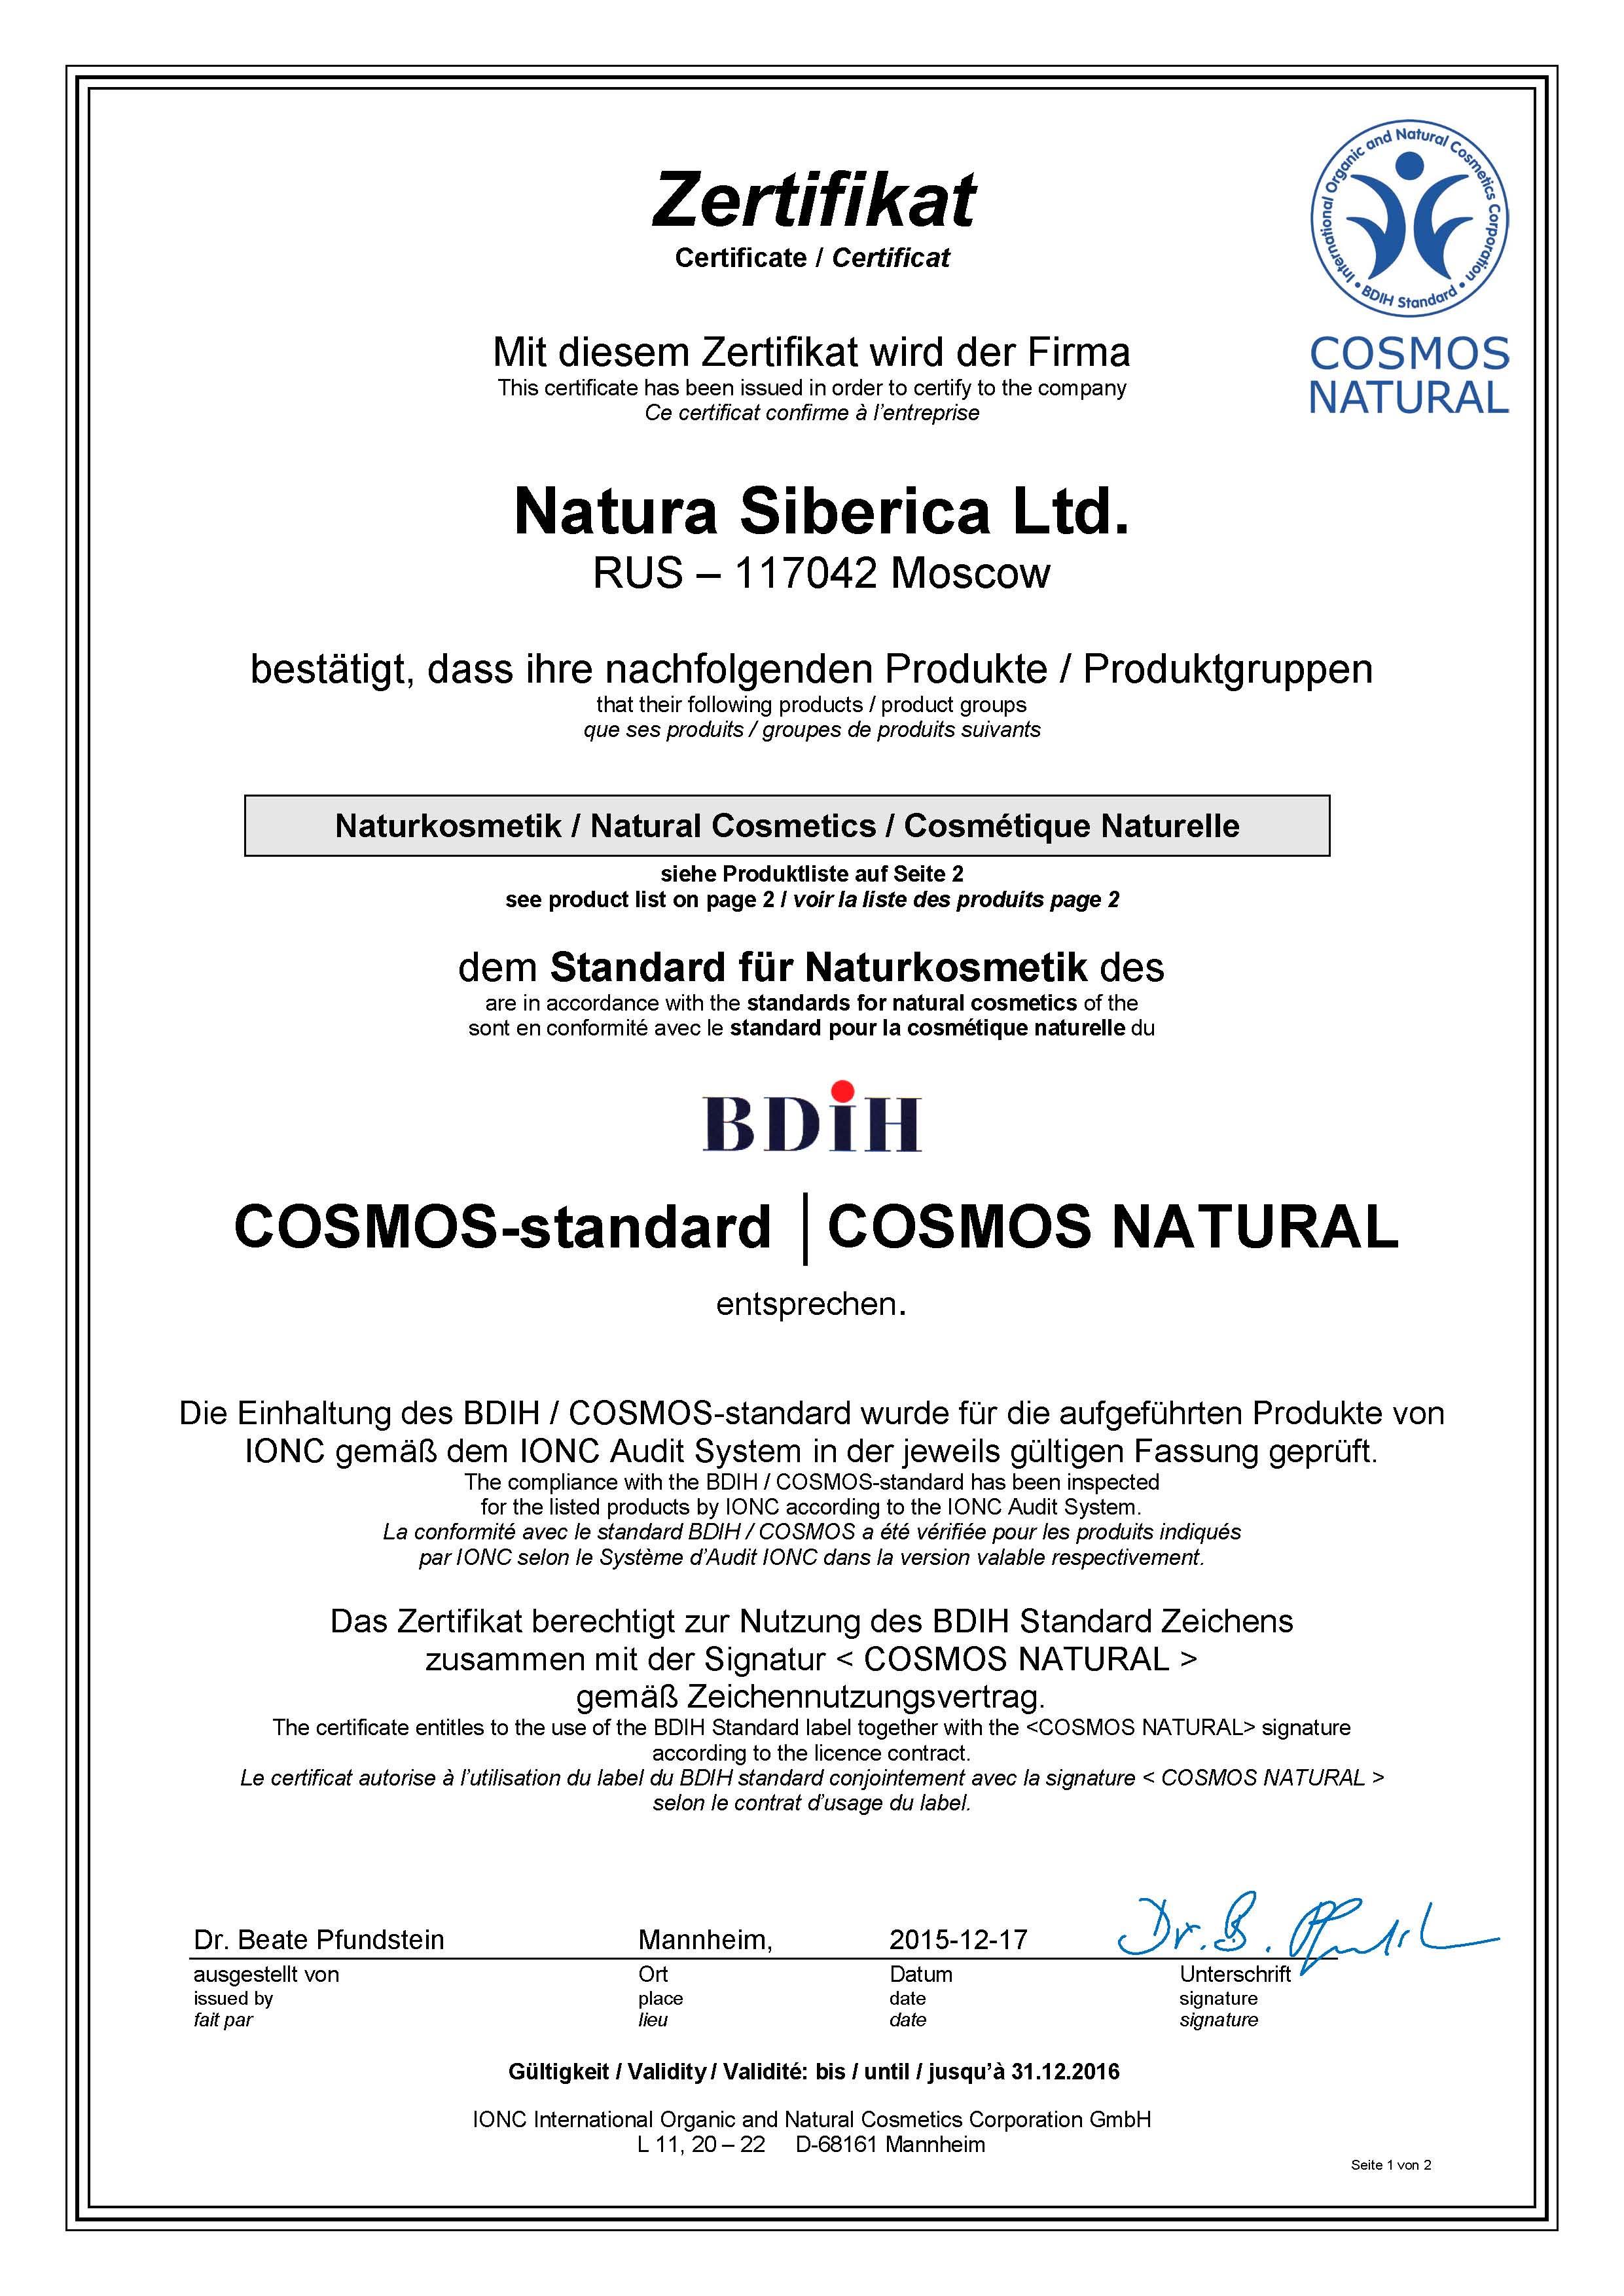 20151217_Natura-Siberica_BDIH-COSMOS-NATURAL_certificate-2016_1